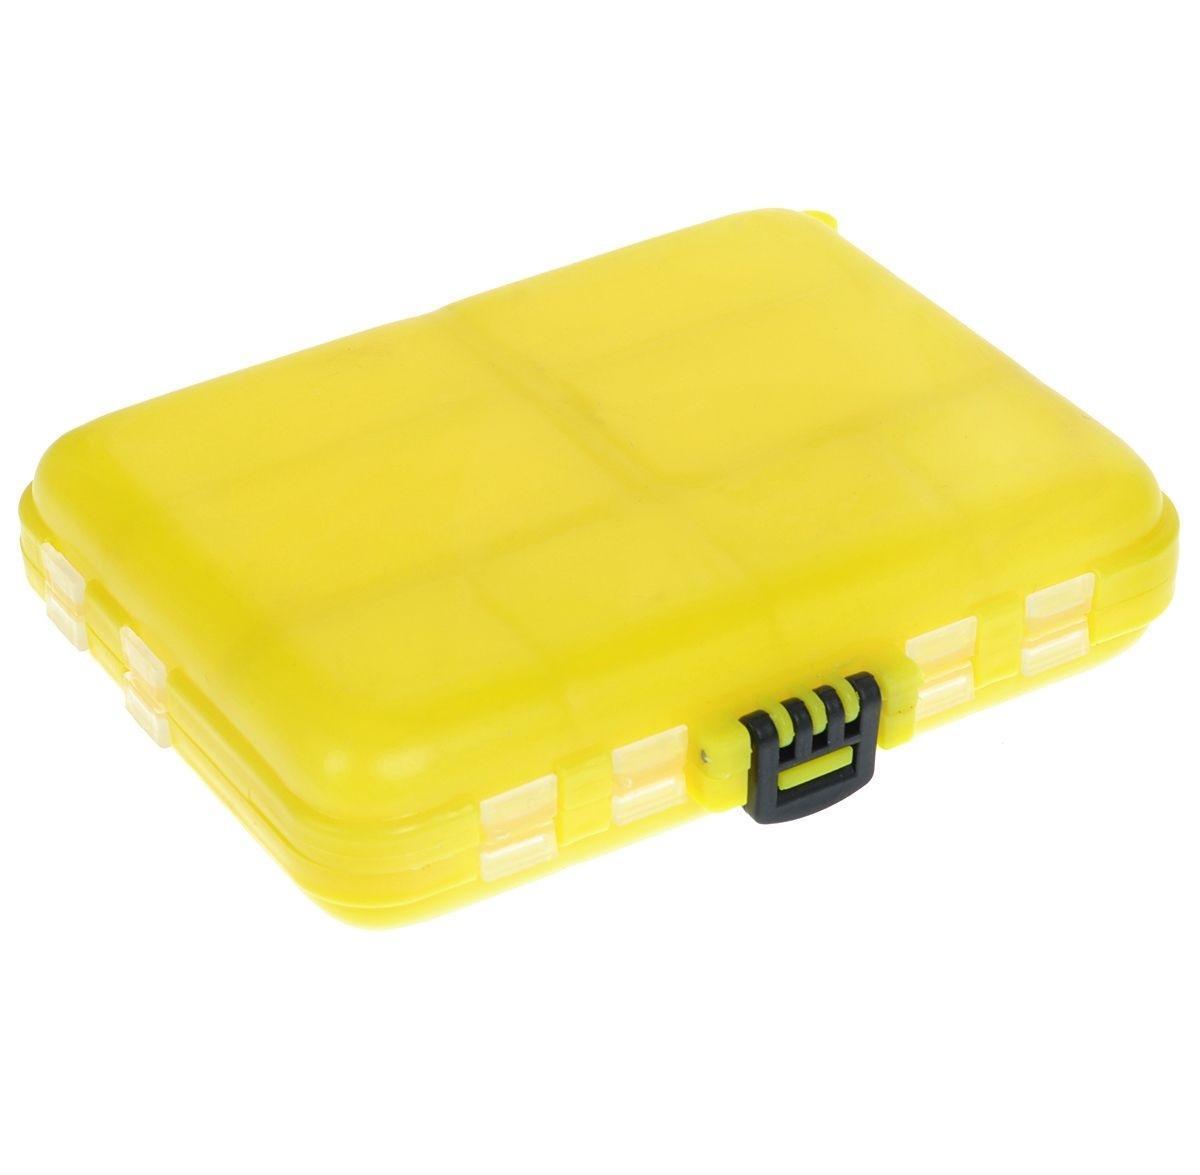 Органайзер для мелочей, двухсторонний, цвет: желтый, 12 х 10 х 3 см680266/8952818Удобная пластиковая коробка Три кита прекрасно подойдет для хранения и транспортировки различных мелочей. Коробка имеет 16 фиксированных отделений. Удобный и надежный замок-защелка обеспечивает надежное закрывание коробки. Такая коробка поможет держать вещи в порядке.